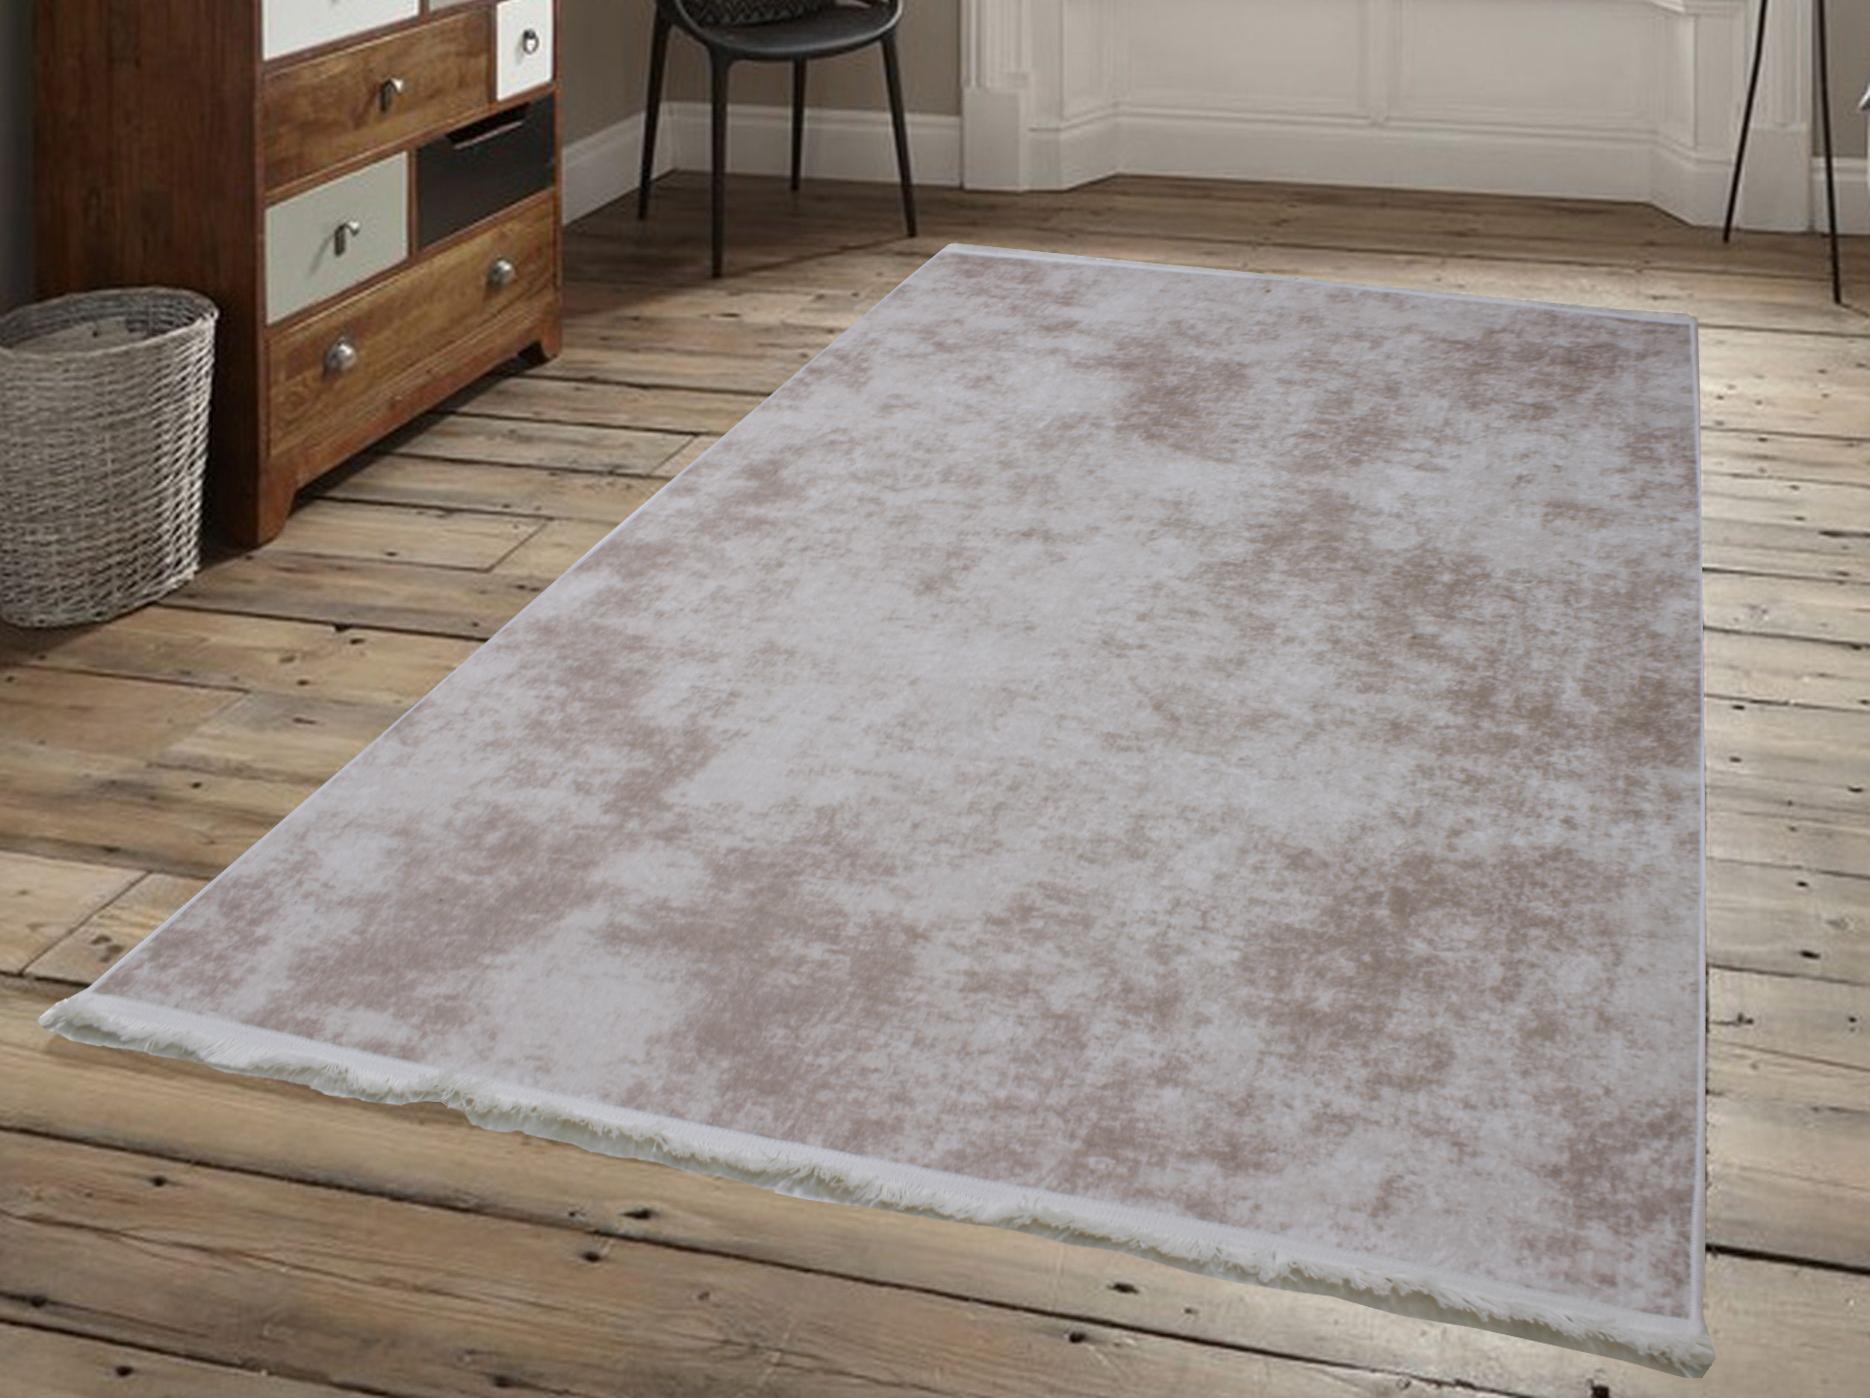 Full Size of Teppich Waschbar Brillant Neva Cream Edel Modern Muster Waschmaschinen Wohnzimmer Teppiche Schlafzimmer Badezimmer Küche Bad Steinteppich Für Esstisch Wohnzimmer Teppich Waschbar